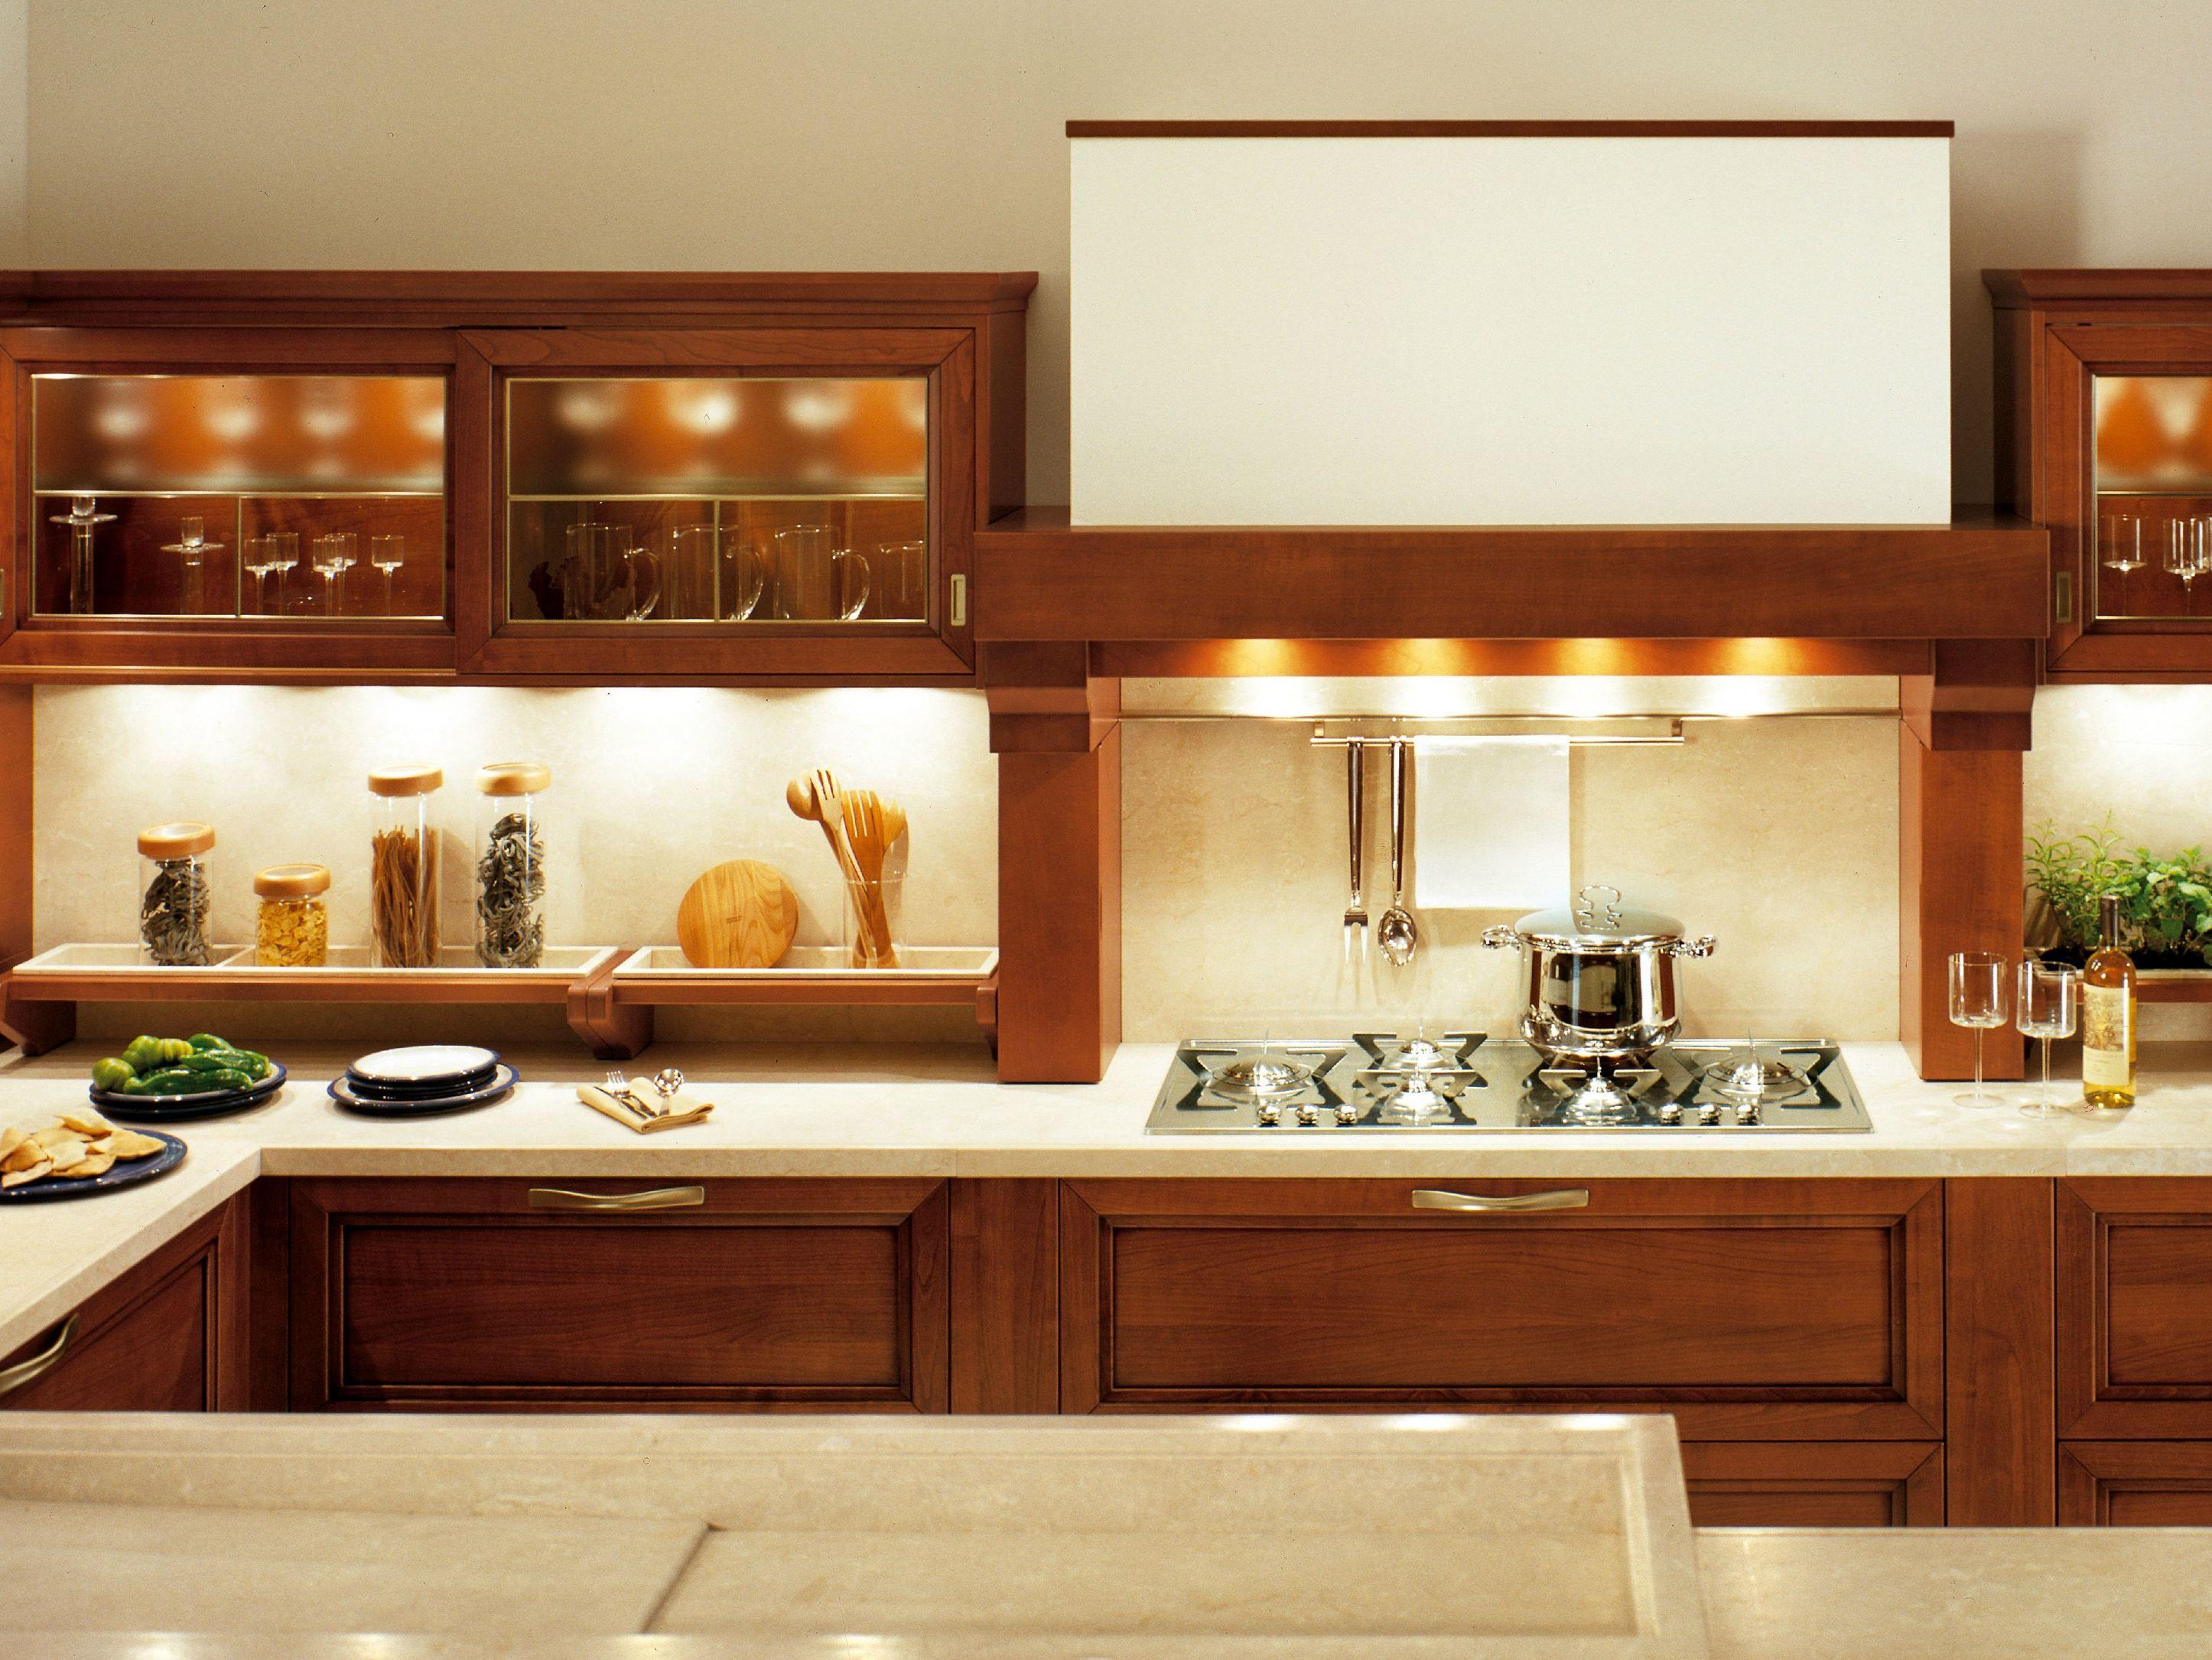 Cocina integral normal fabricante de cocinas integrales for Fabricantes de cocinas integrales economicas df